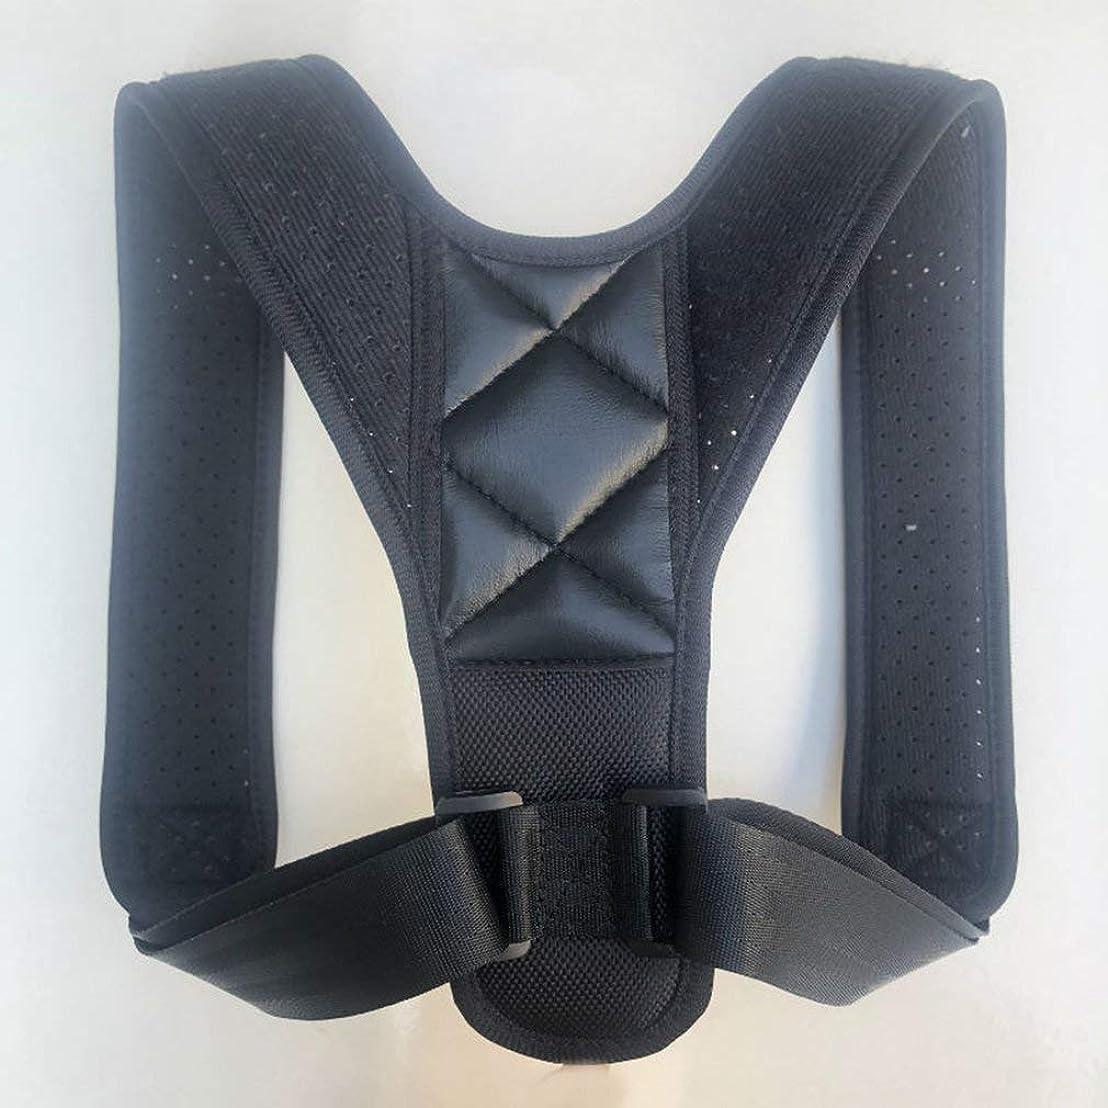 召喚するウィスキーモックUpper Back Posture Corrector Posture Clavicle Support Corrector Back Straight Shoulders Brace Strap Corrector